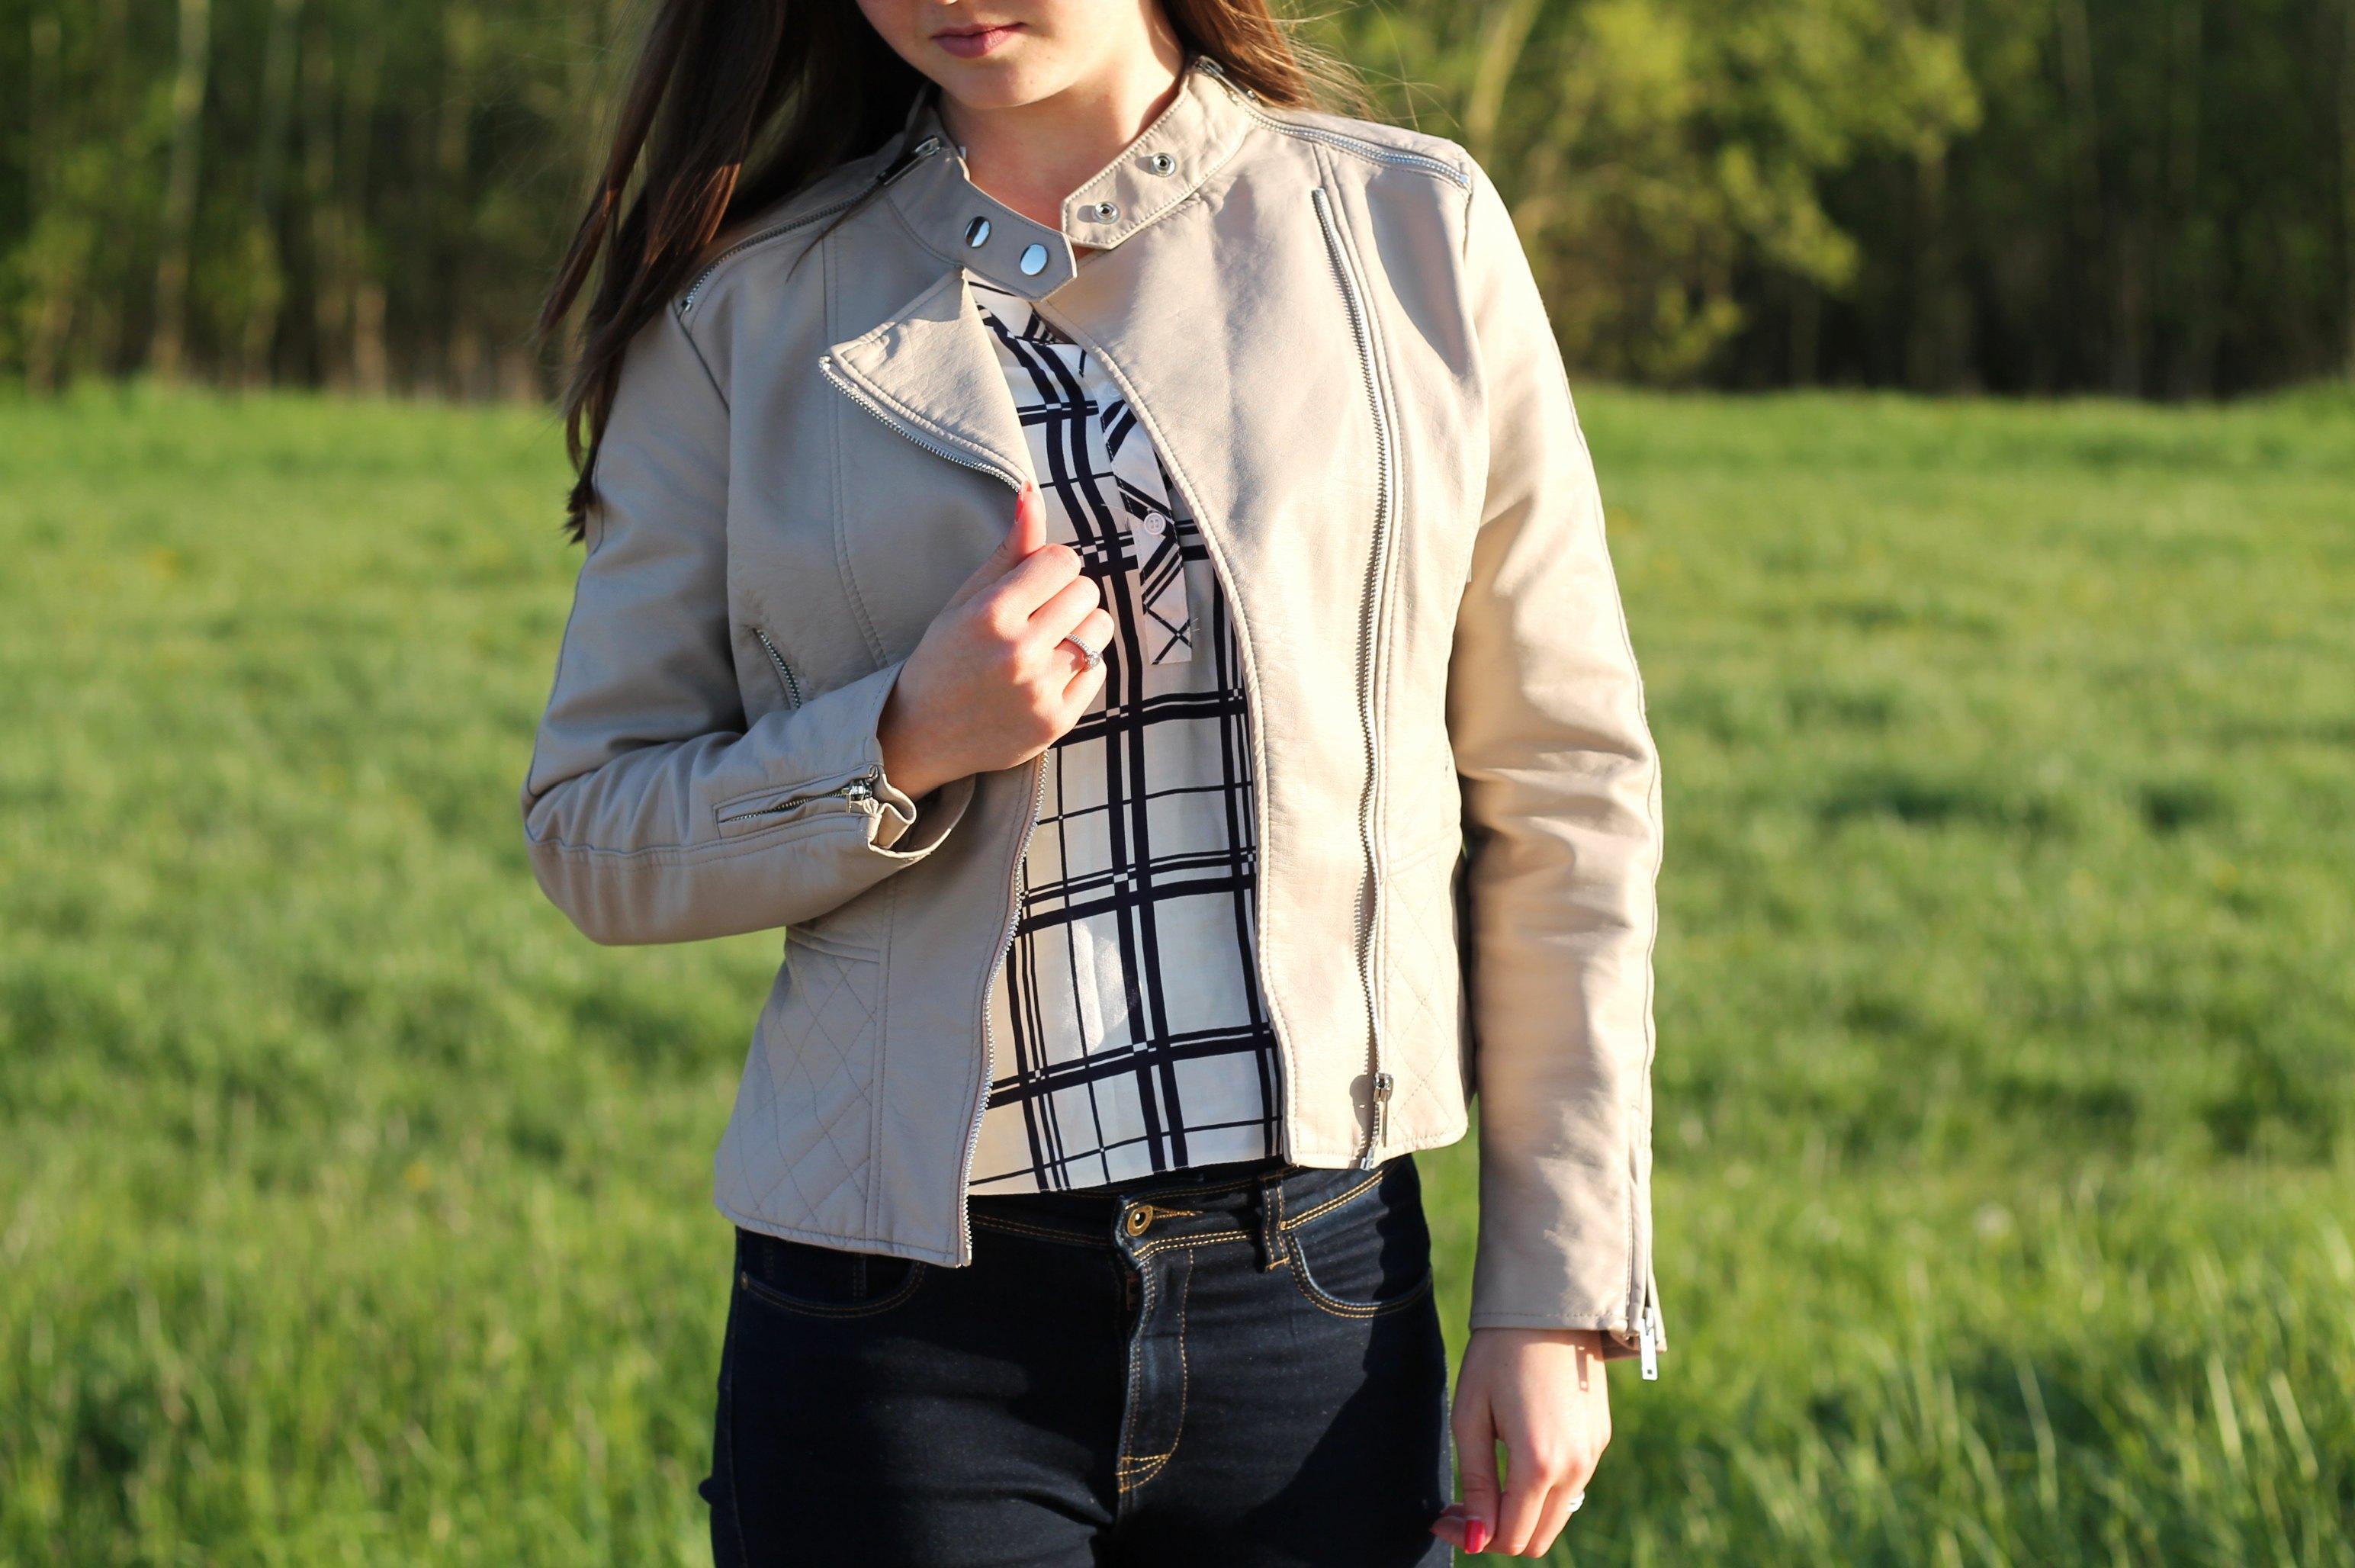 Als er één jasje is dat simpelweg gewoon altijd kan, is het wel het leren damesjack. Dit jasje is niet alleen trendy, hij zit ook nog eens al gegoten, al helemaal naarmate de tijd verstrijkt. Een leren damesjack vormt namelijk naar je lichaam, naarmate je hem langer draagt.